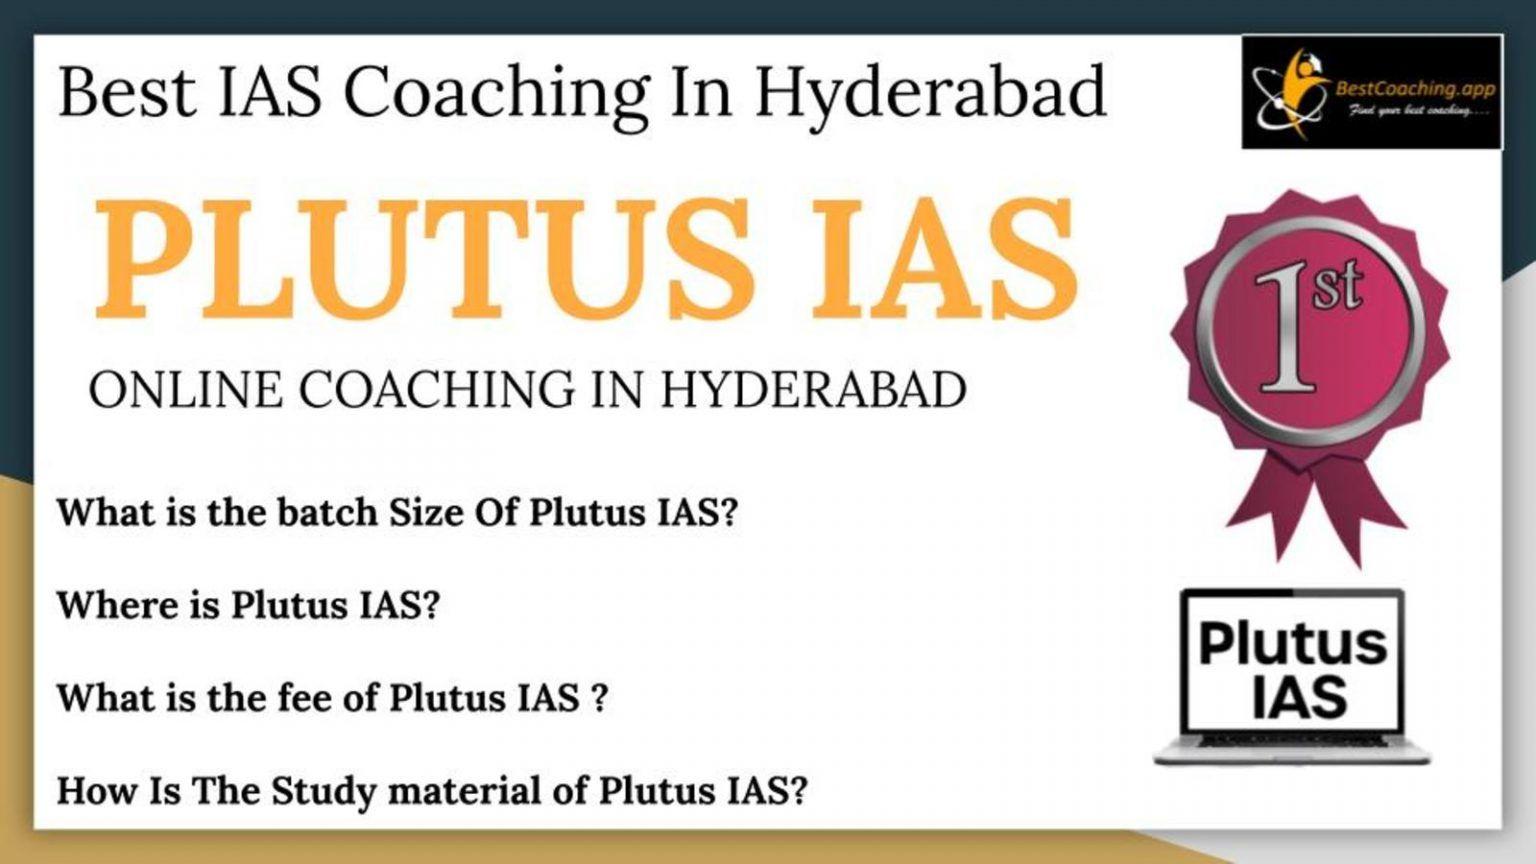 Best 10 Ias Coaching Institutes In Hyderabad Ias Preparation In 2020 Coaching Online Coaching Hyderabad